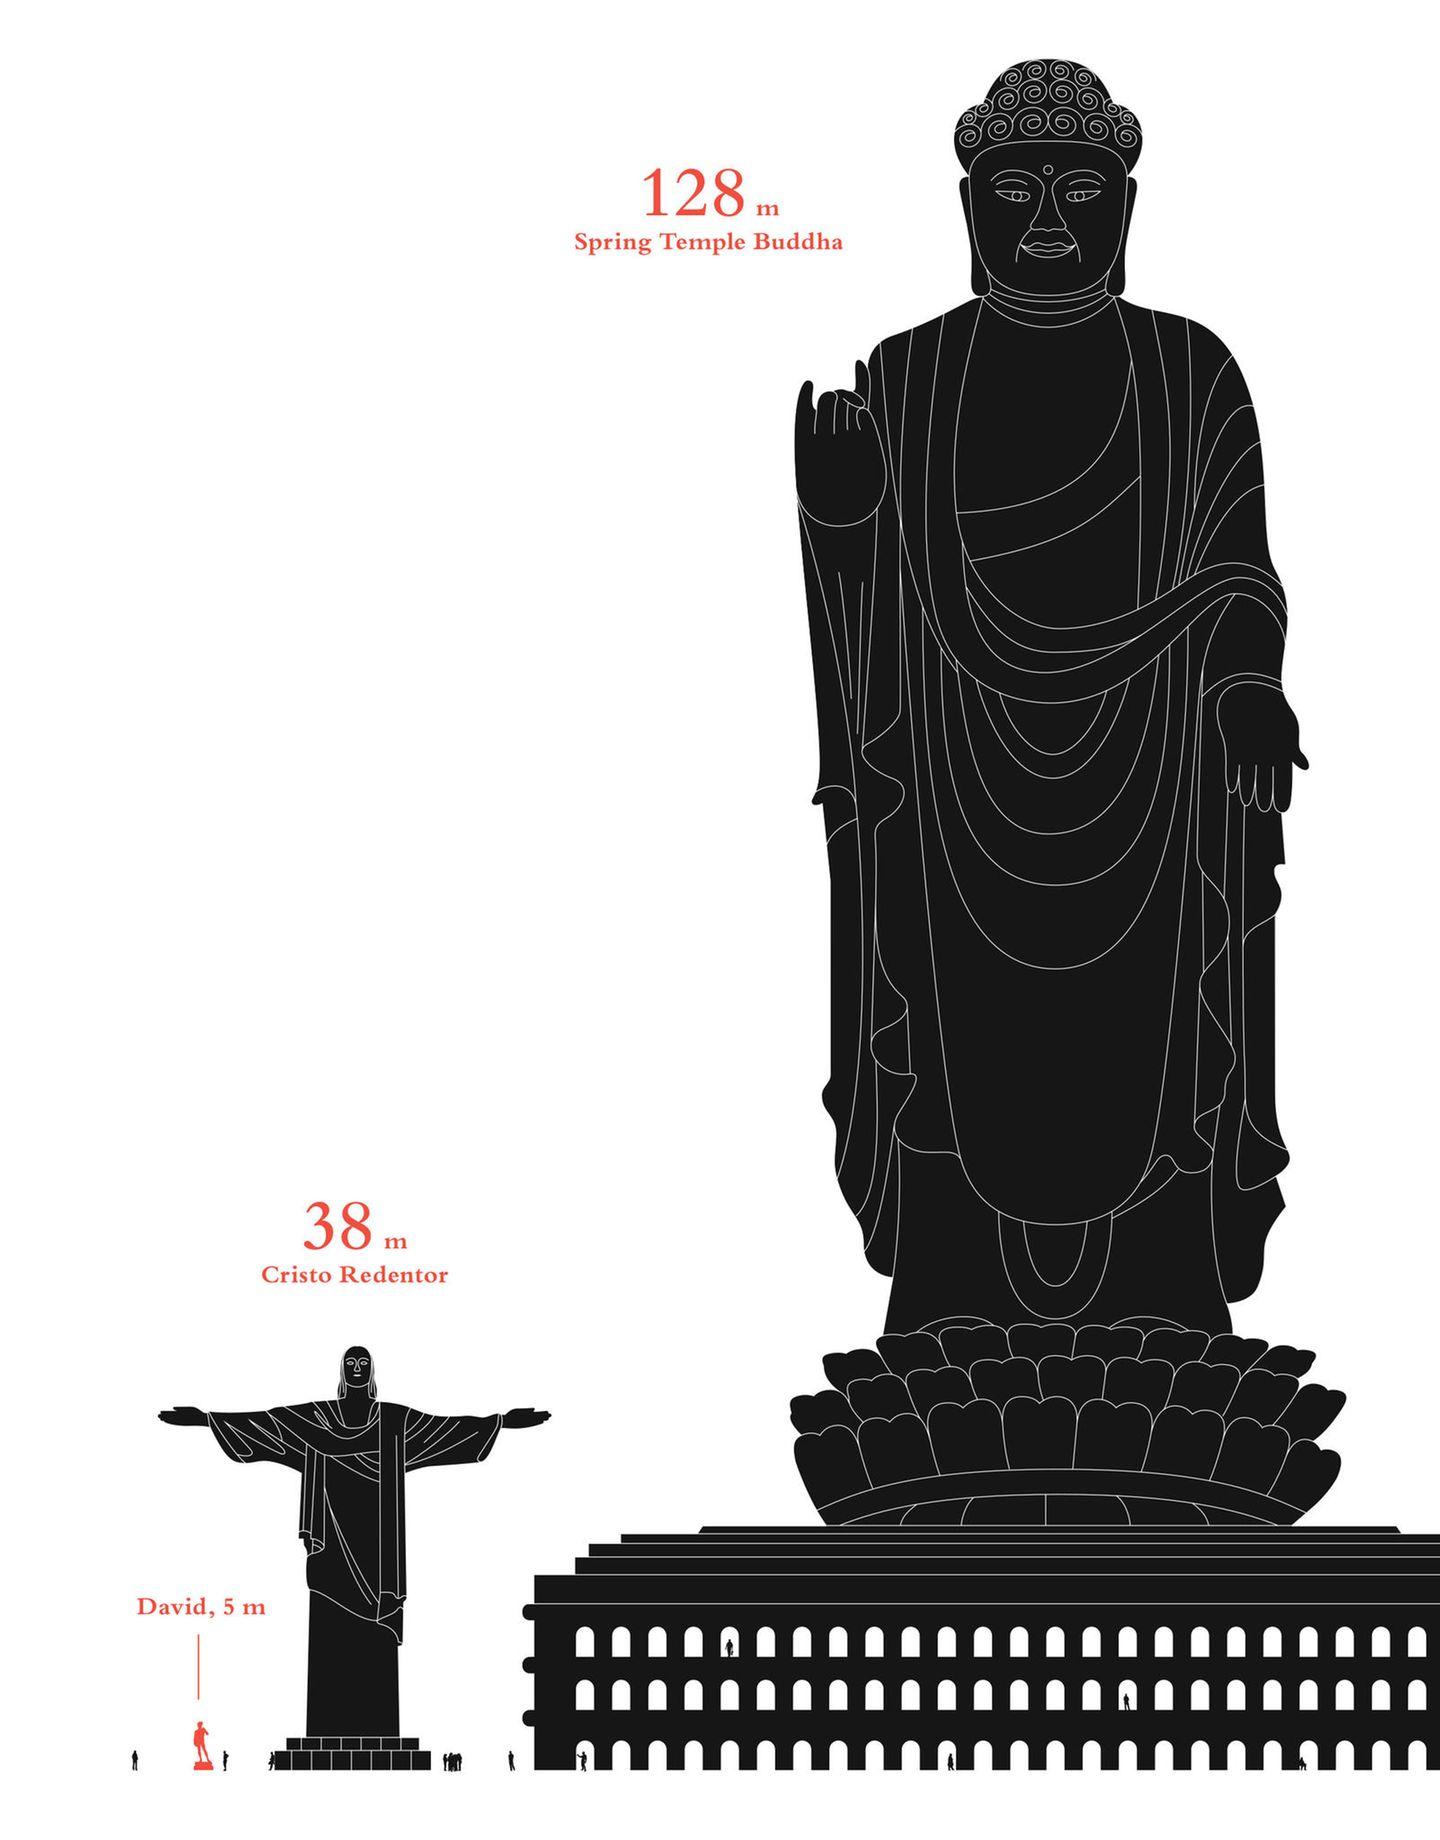 Gibt es einen Gott? Oder mehrere Götter? Und wenn ja: Welcher Gott ist der Größte? Diese Frage können und wollen wir nicht beantworten, doch zumindest was die Größe der Statuen angeht, gibt es einen klaren Sieger: Der Spring Temple Buddha misst 128 Meter. Im Verhältnis dazu sieht der 38 Meter hohe Cristo Redentor in Rio de Janeiro geradezu mickrig aus.